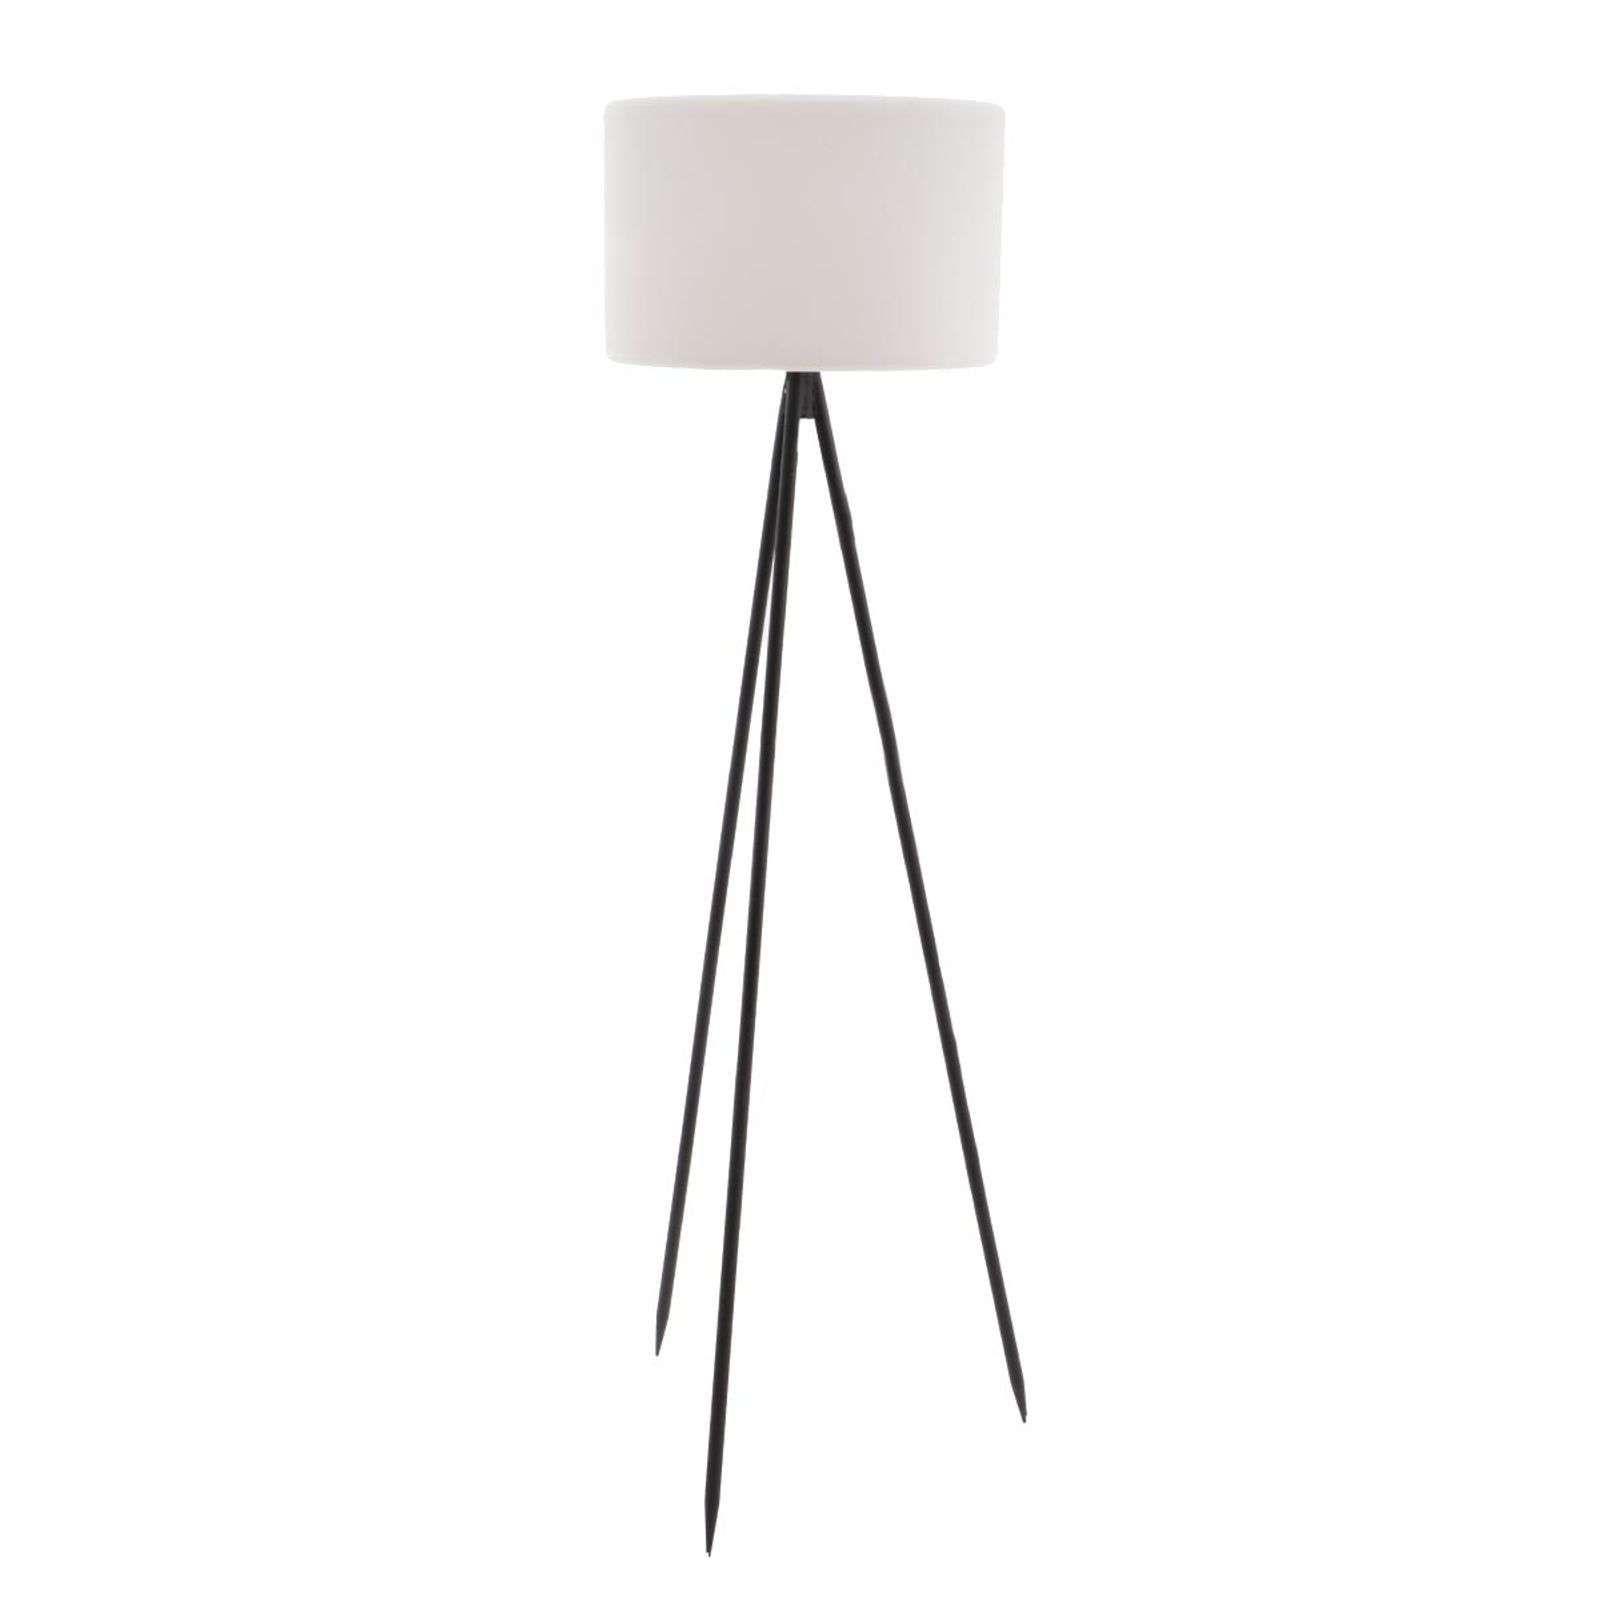 Houten Staande Lamp Engels Staanlamp Vloerlamp Met Grote Kap Vloerlamp Booglamp Staanlamp Leeslamp In 2020 Vloerlamp Tripod Lamp Booglamp